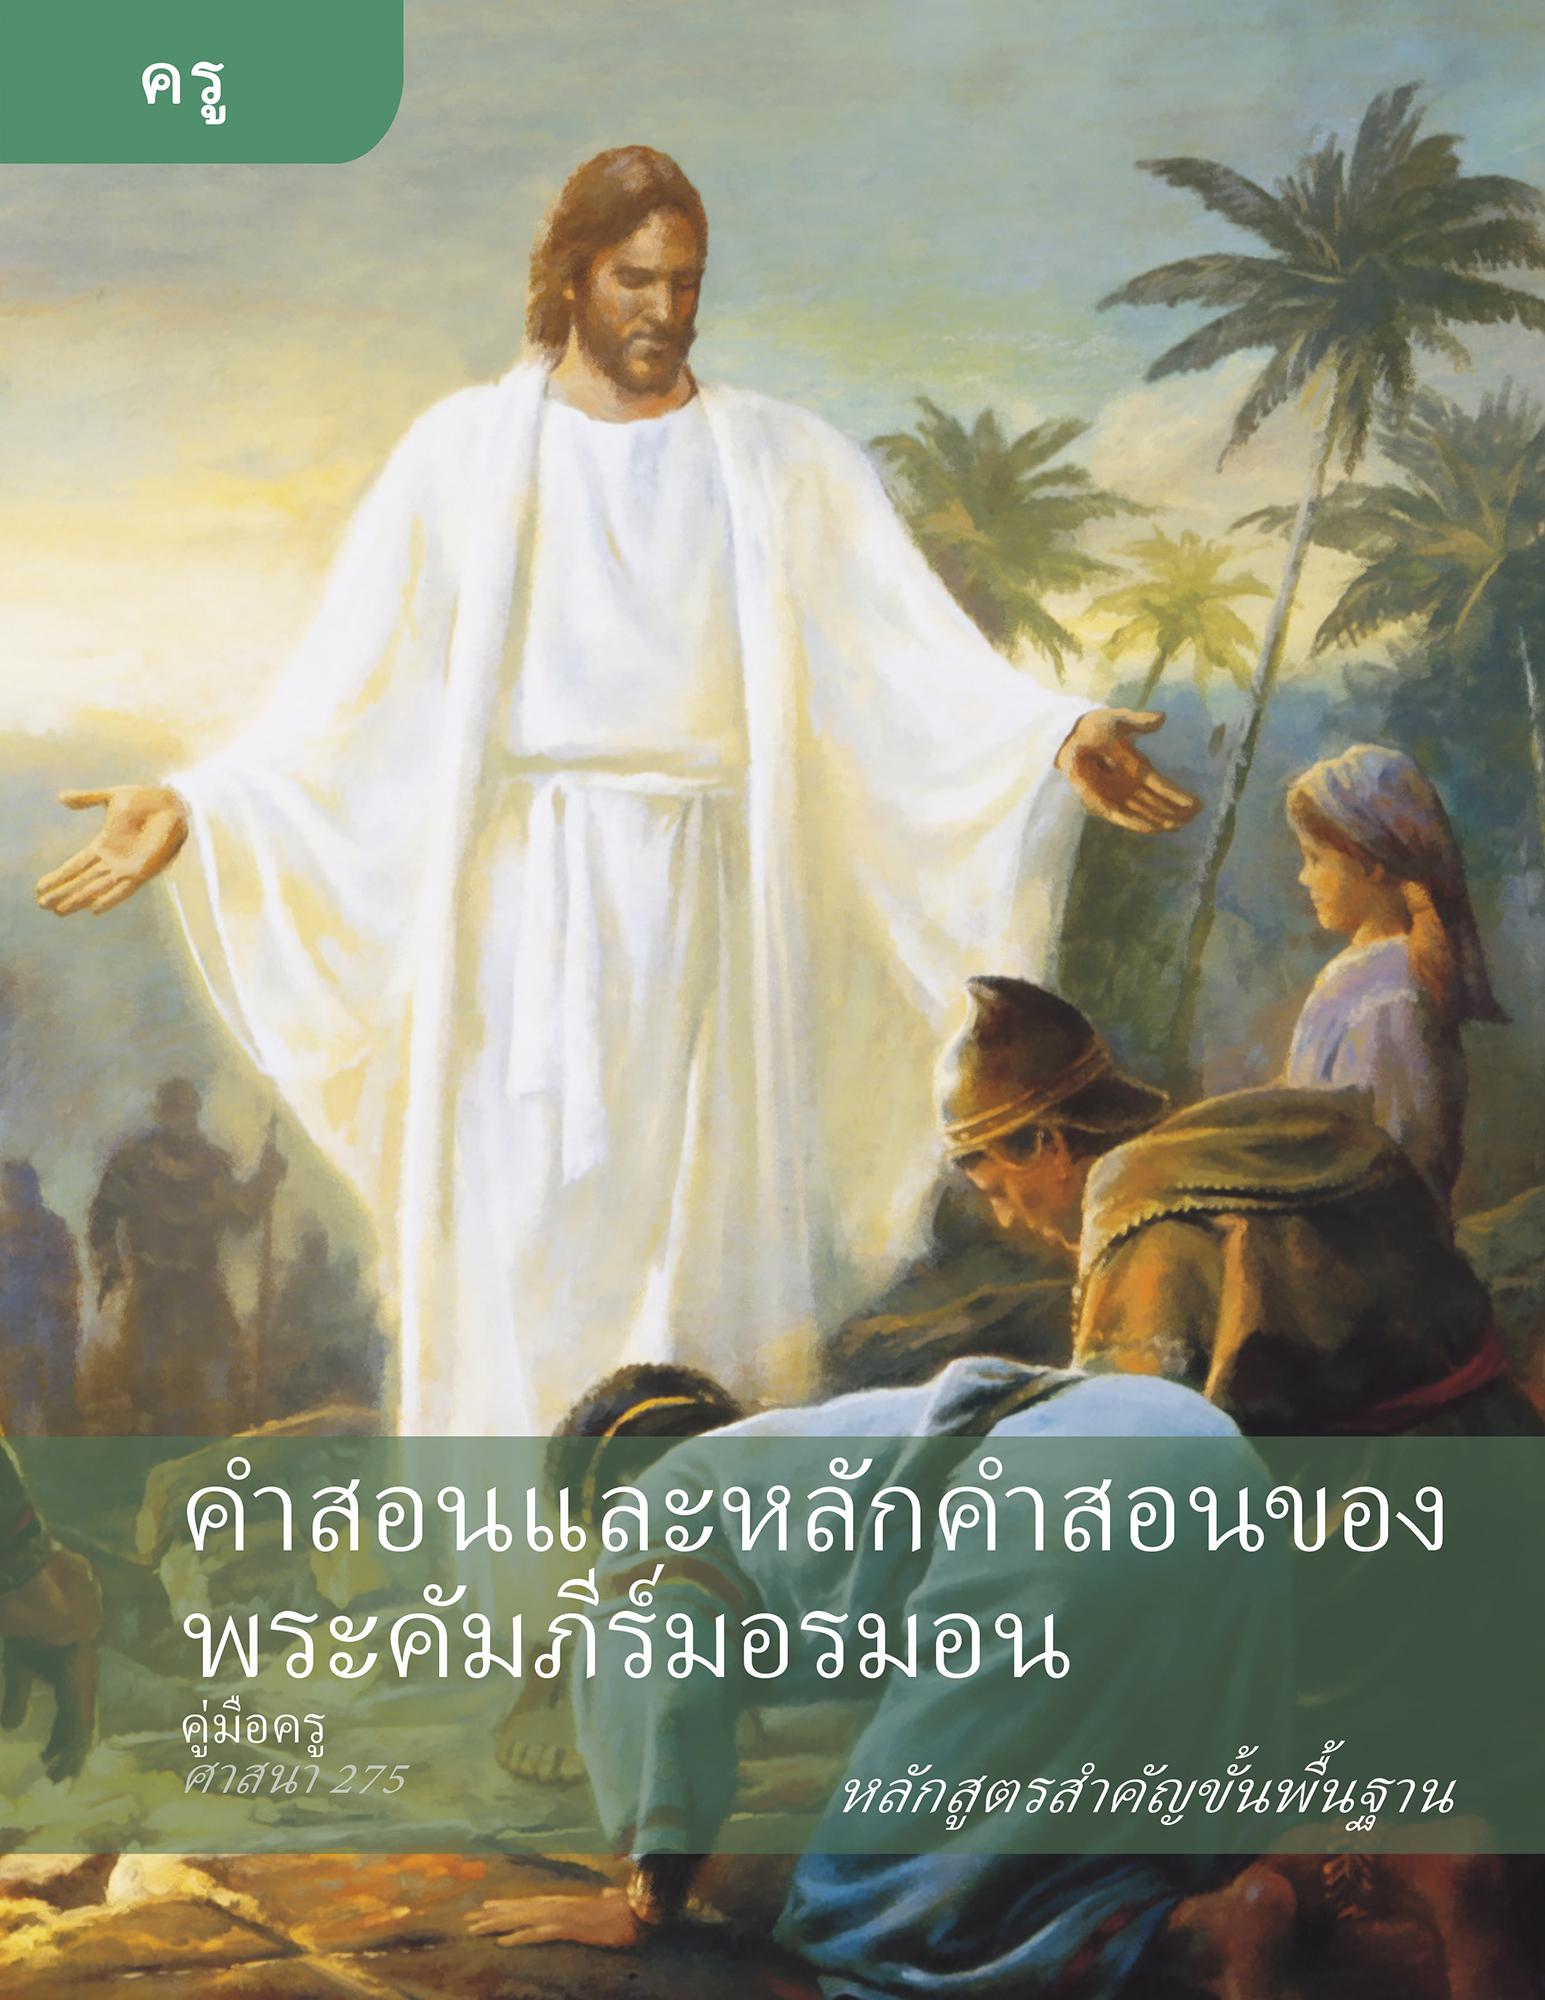 คำสอนและหลักคำสอนของพระคัมภีร์มอรมอน คู่มือครู (ศาสนา 275)